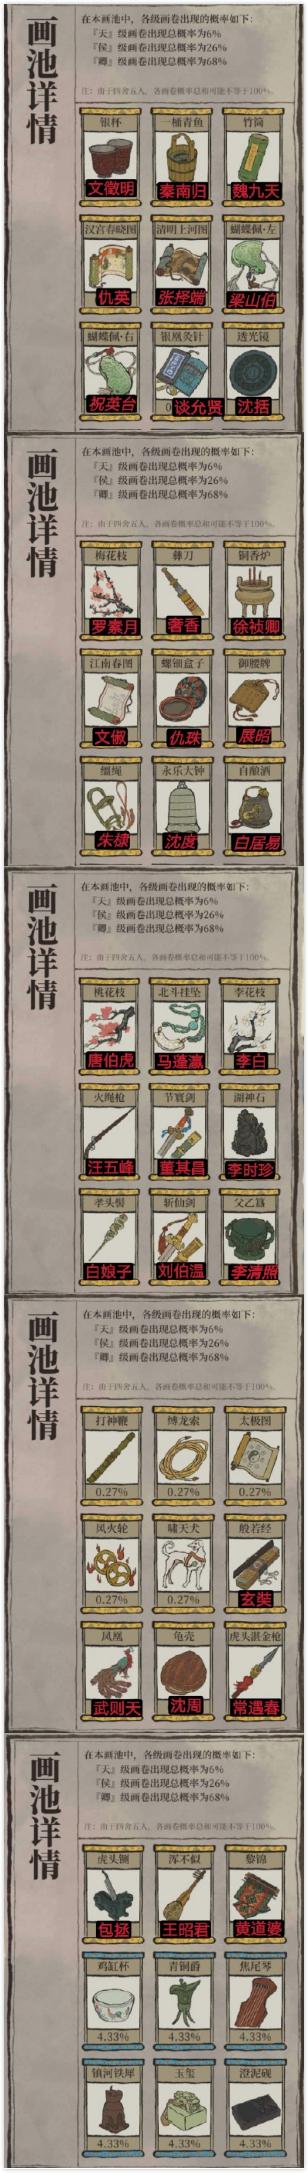 江南百景图专属珍宝对应人物一览2021